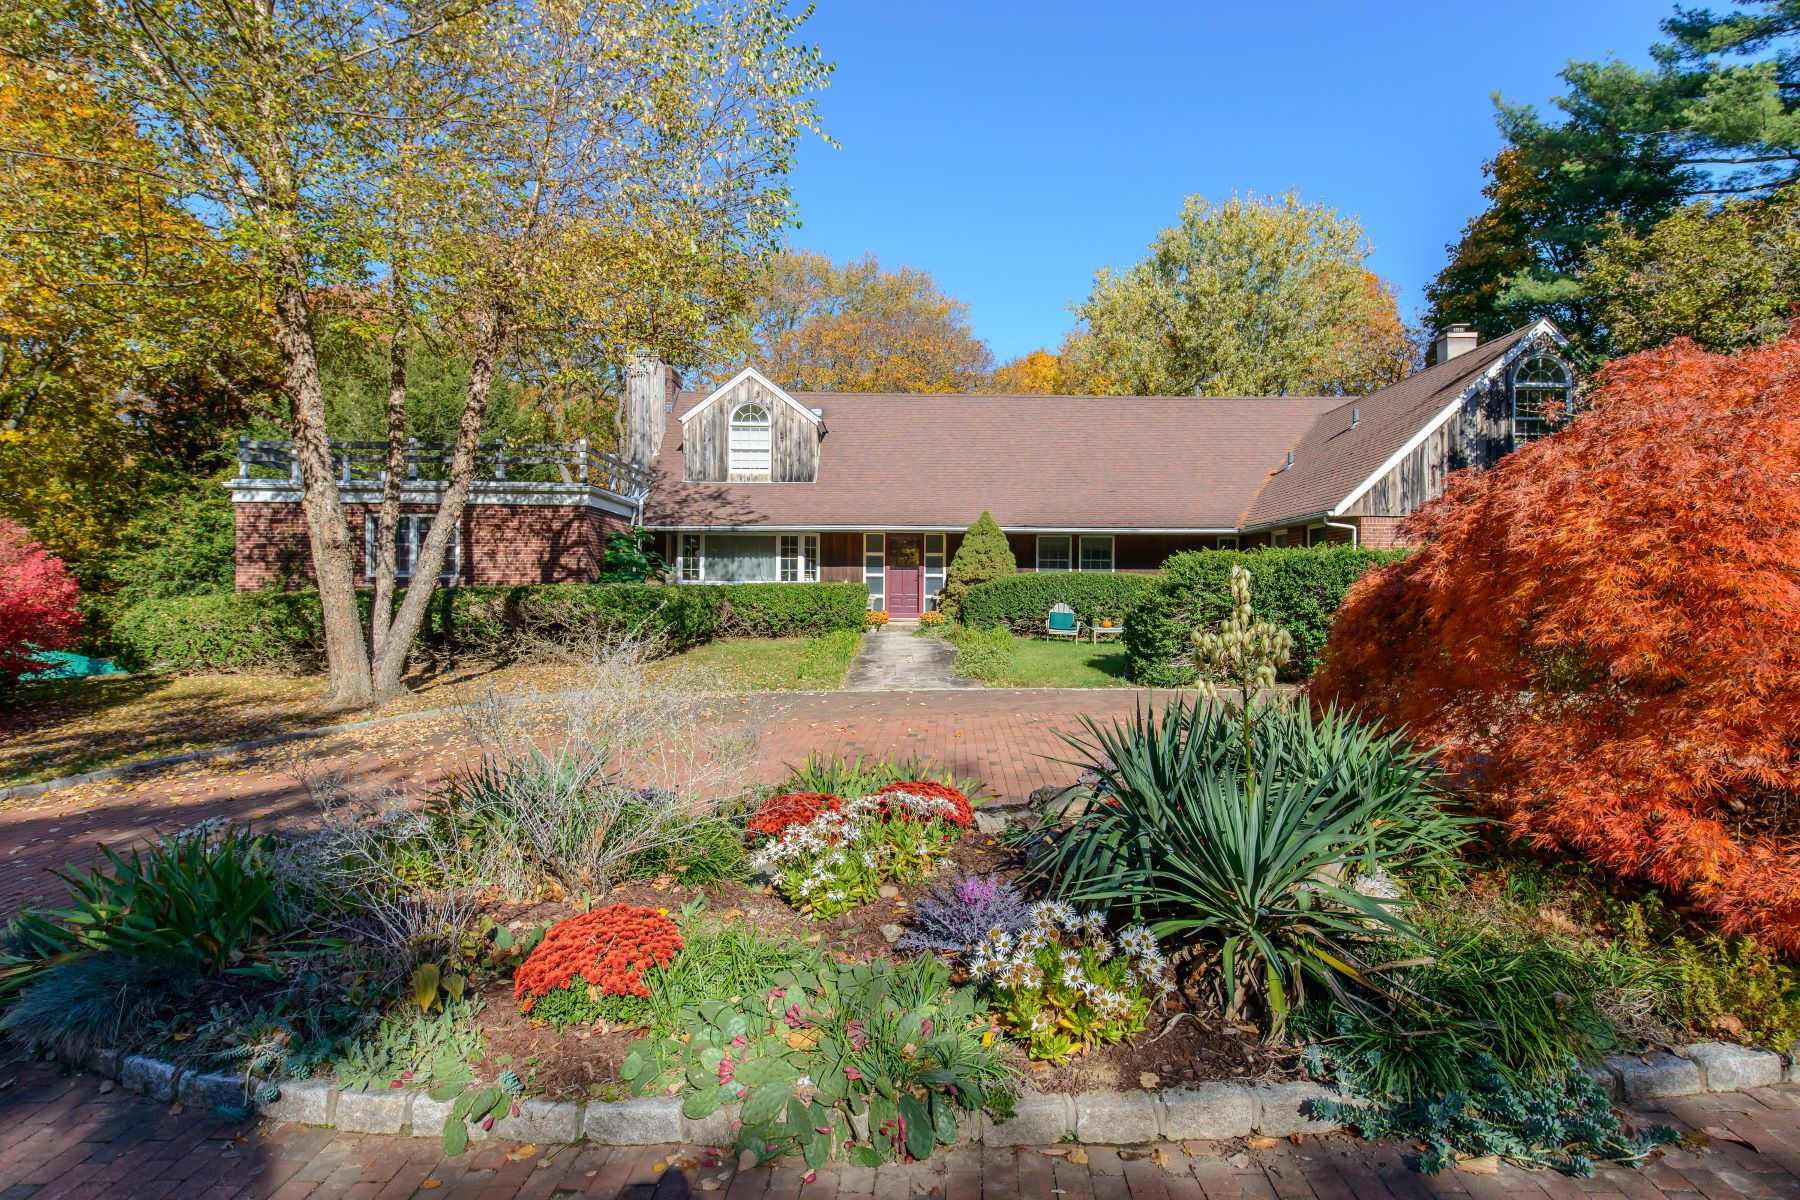 Casa para uma família para Venda às Harbor Acres Expanded Ranch on 2 Acres 5 Harbor Acres Rd Sands Point, Nova York, 11050 Estados Unidos